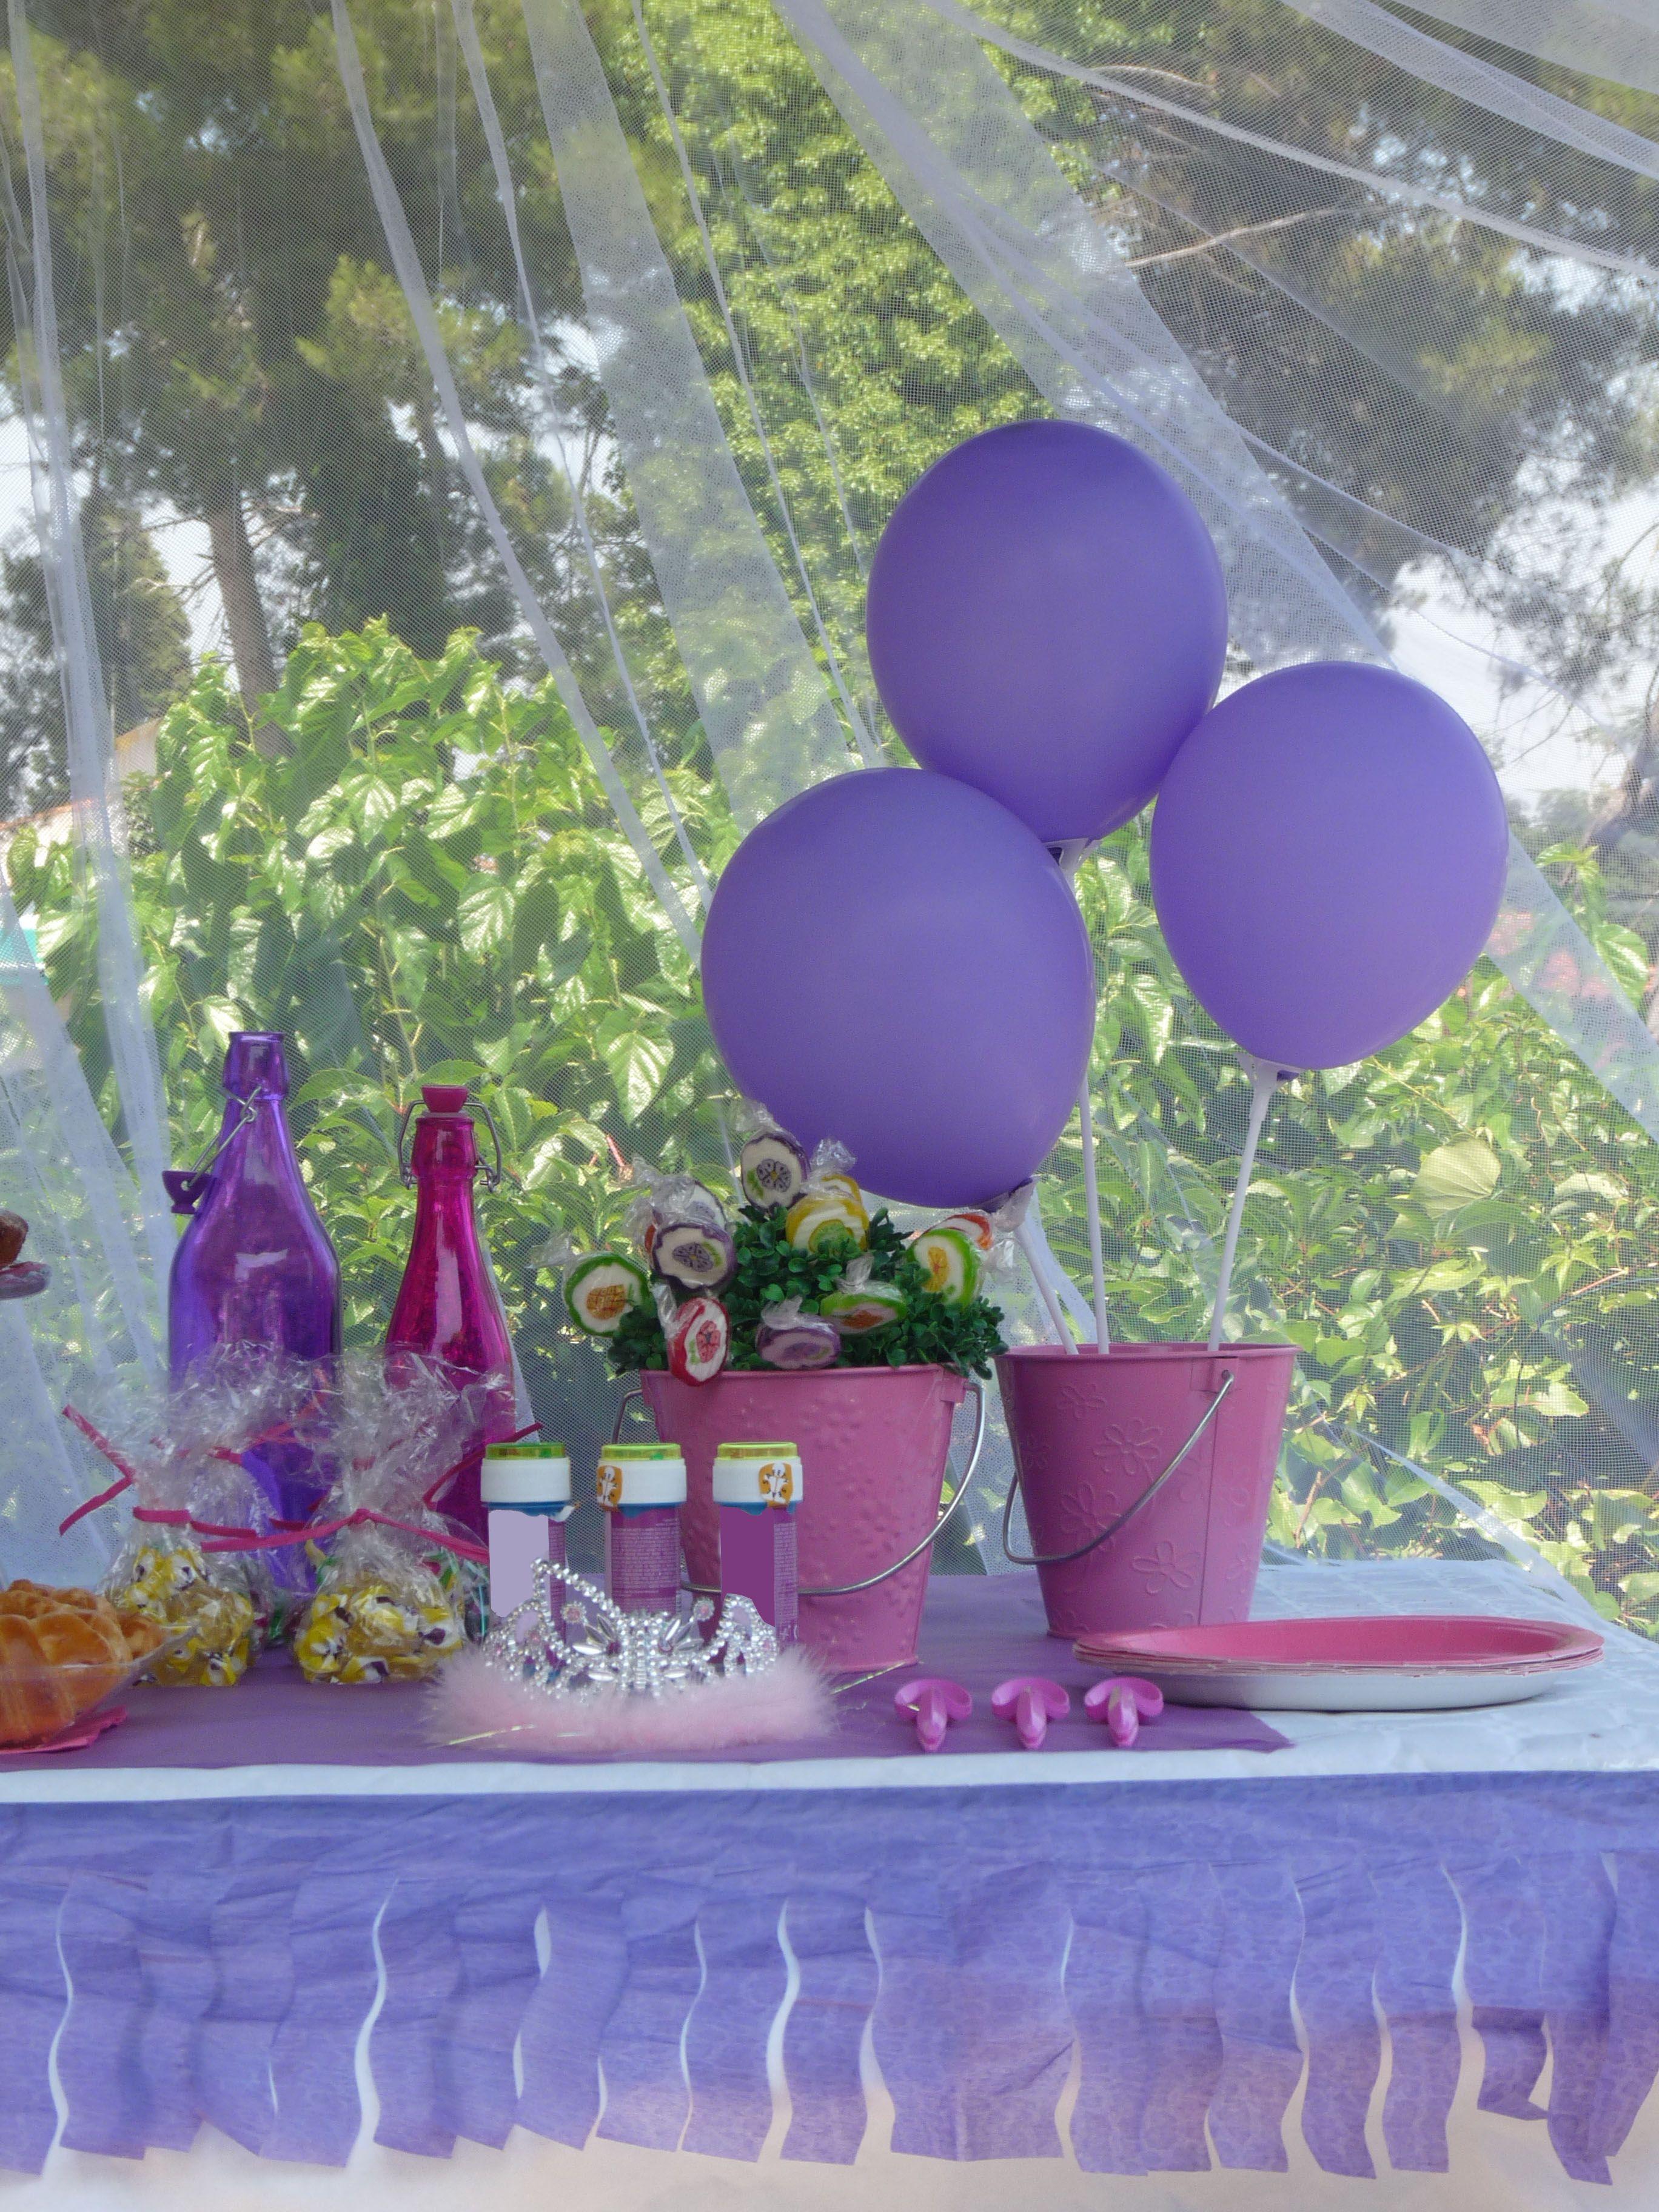 Decoracion para fiestas en lila y rosa preciosa la idea for Decoracion para pared fiesta